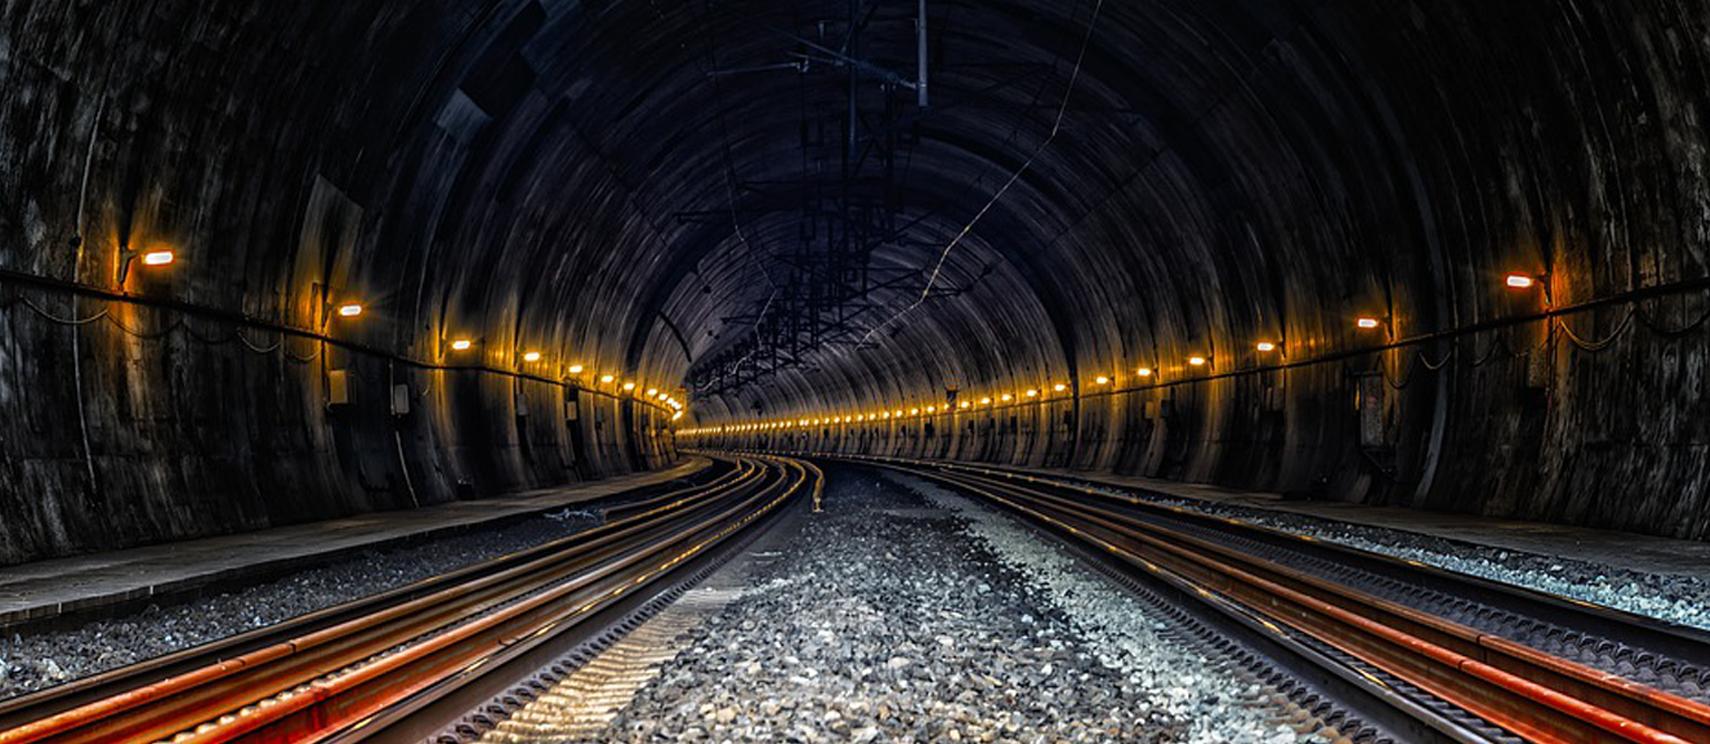 北峰隧道工程无线对讲系统方案